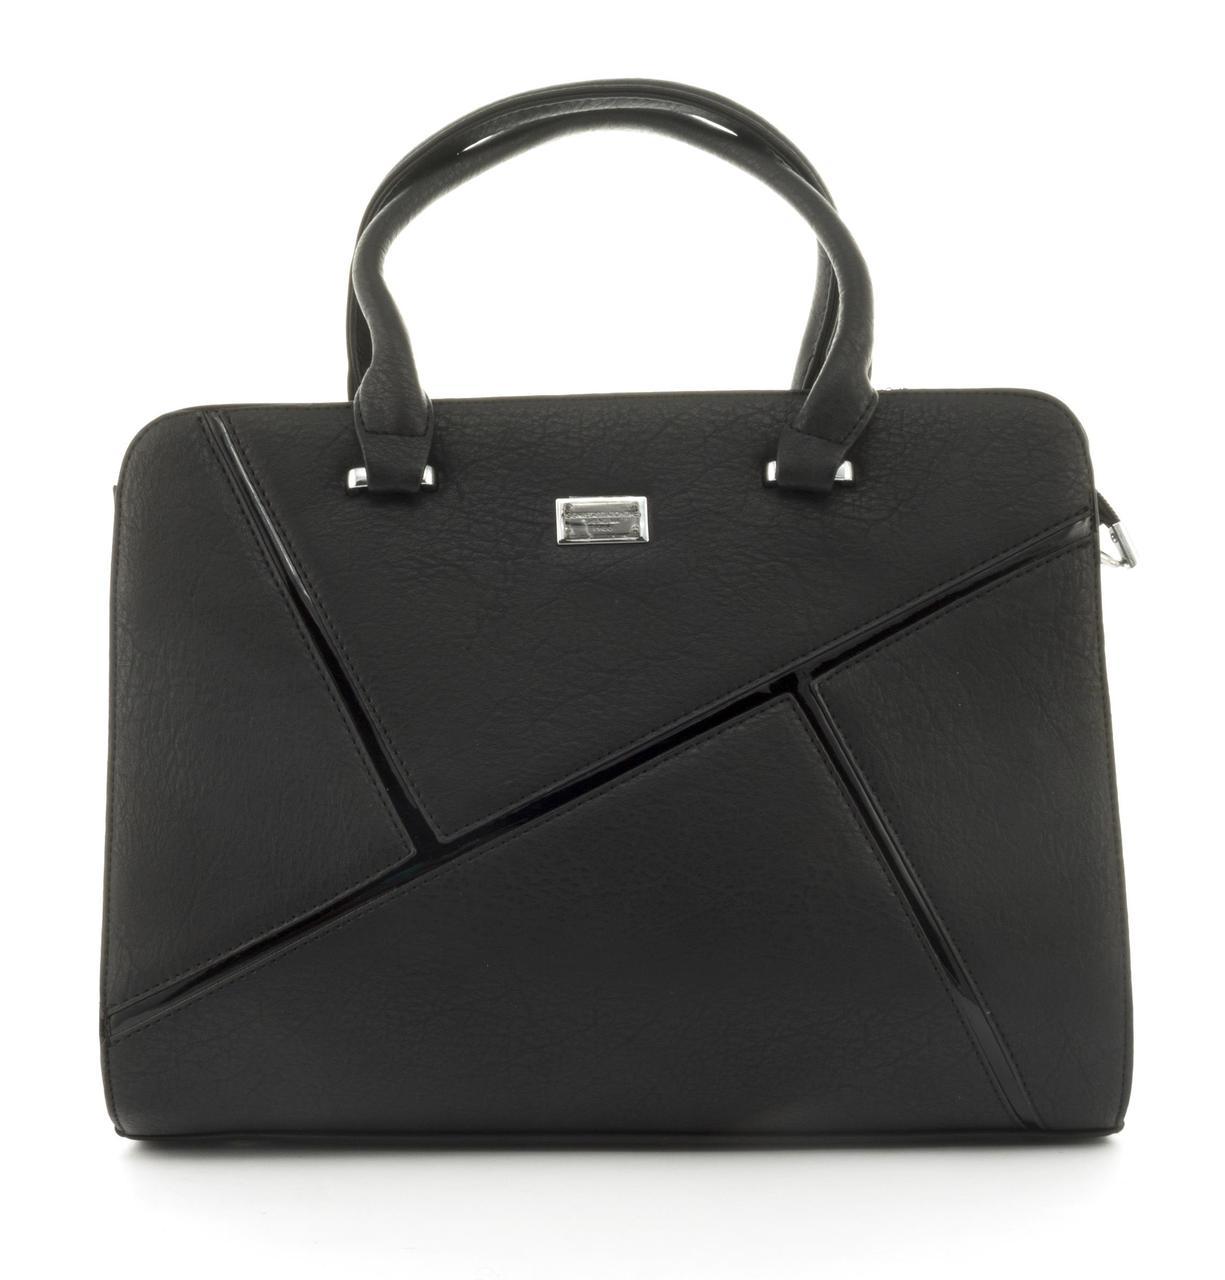 Оригинальная каркасная прочная элегантная женская сумка высокого качества ShengMa art. 881276 черная